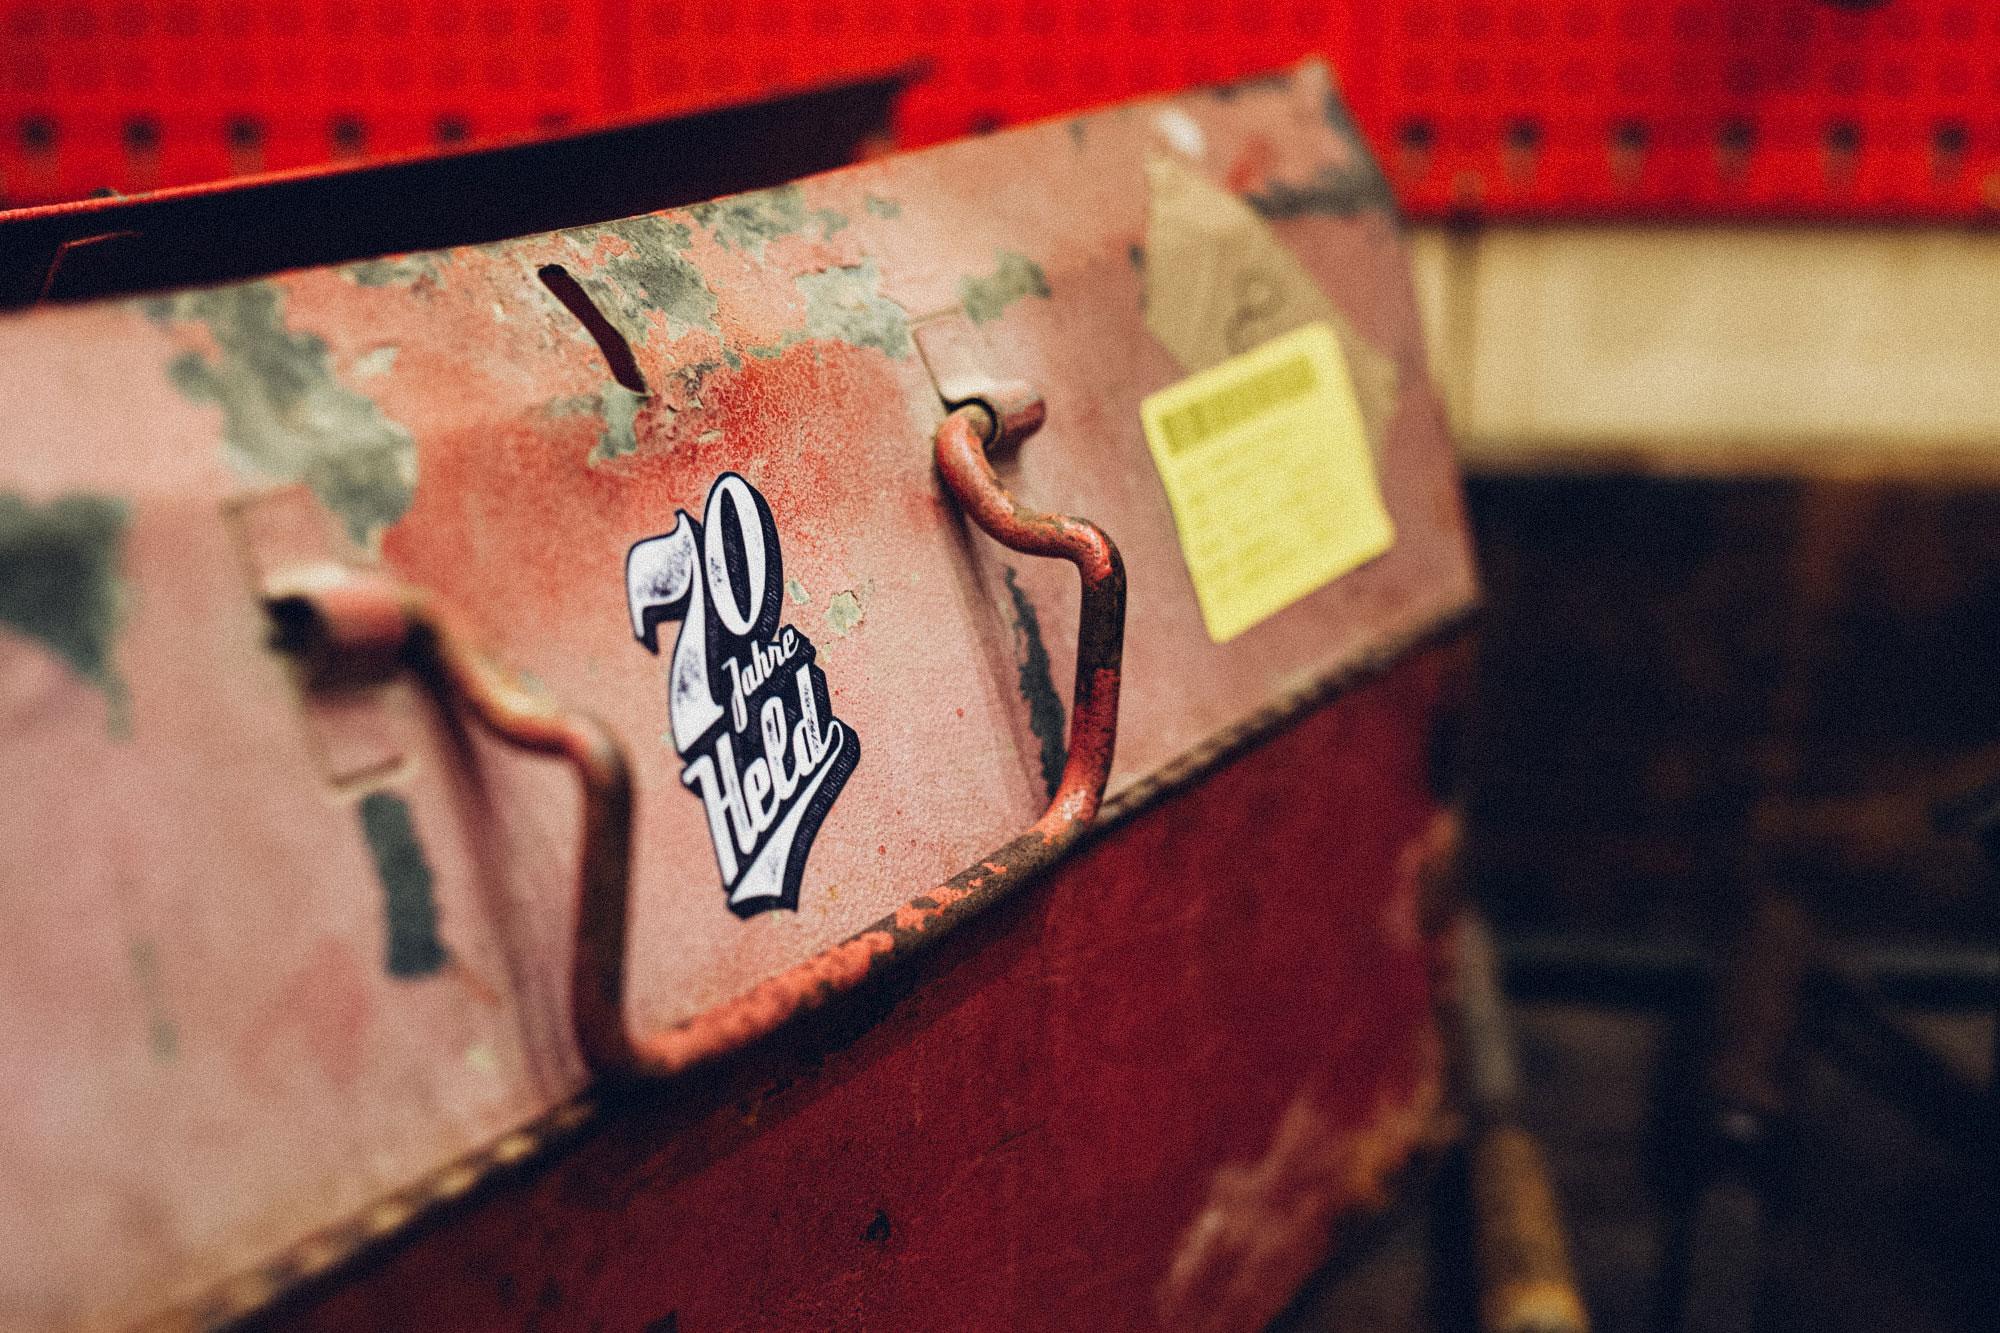 Ein Foto des 70-Jahre-Held-Messestandes. Man sieht das 70-Jahre-HELD-Logo von Held Bikerfashion aufgebracht auf einer alten Mulde. Das Design stammt von MAJORMAJOR.